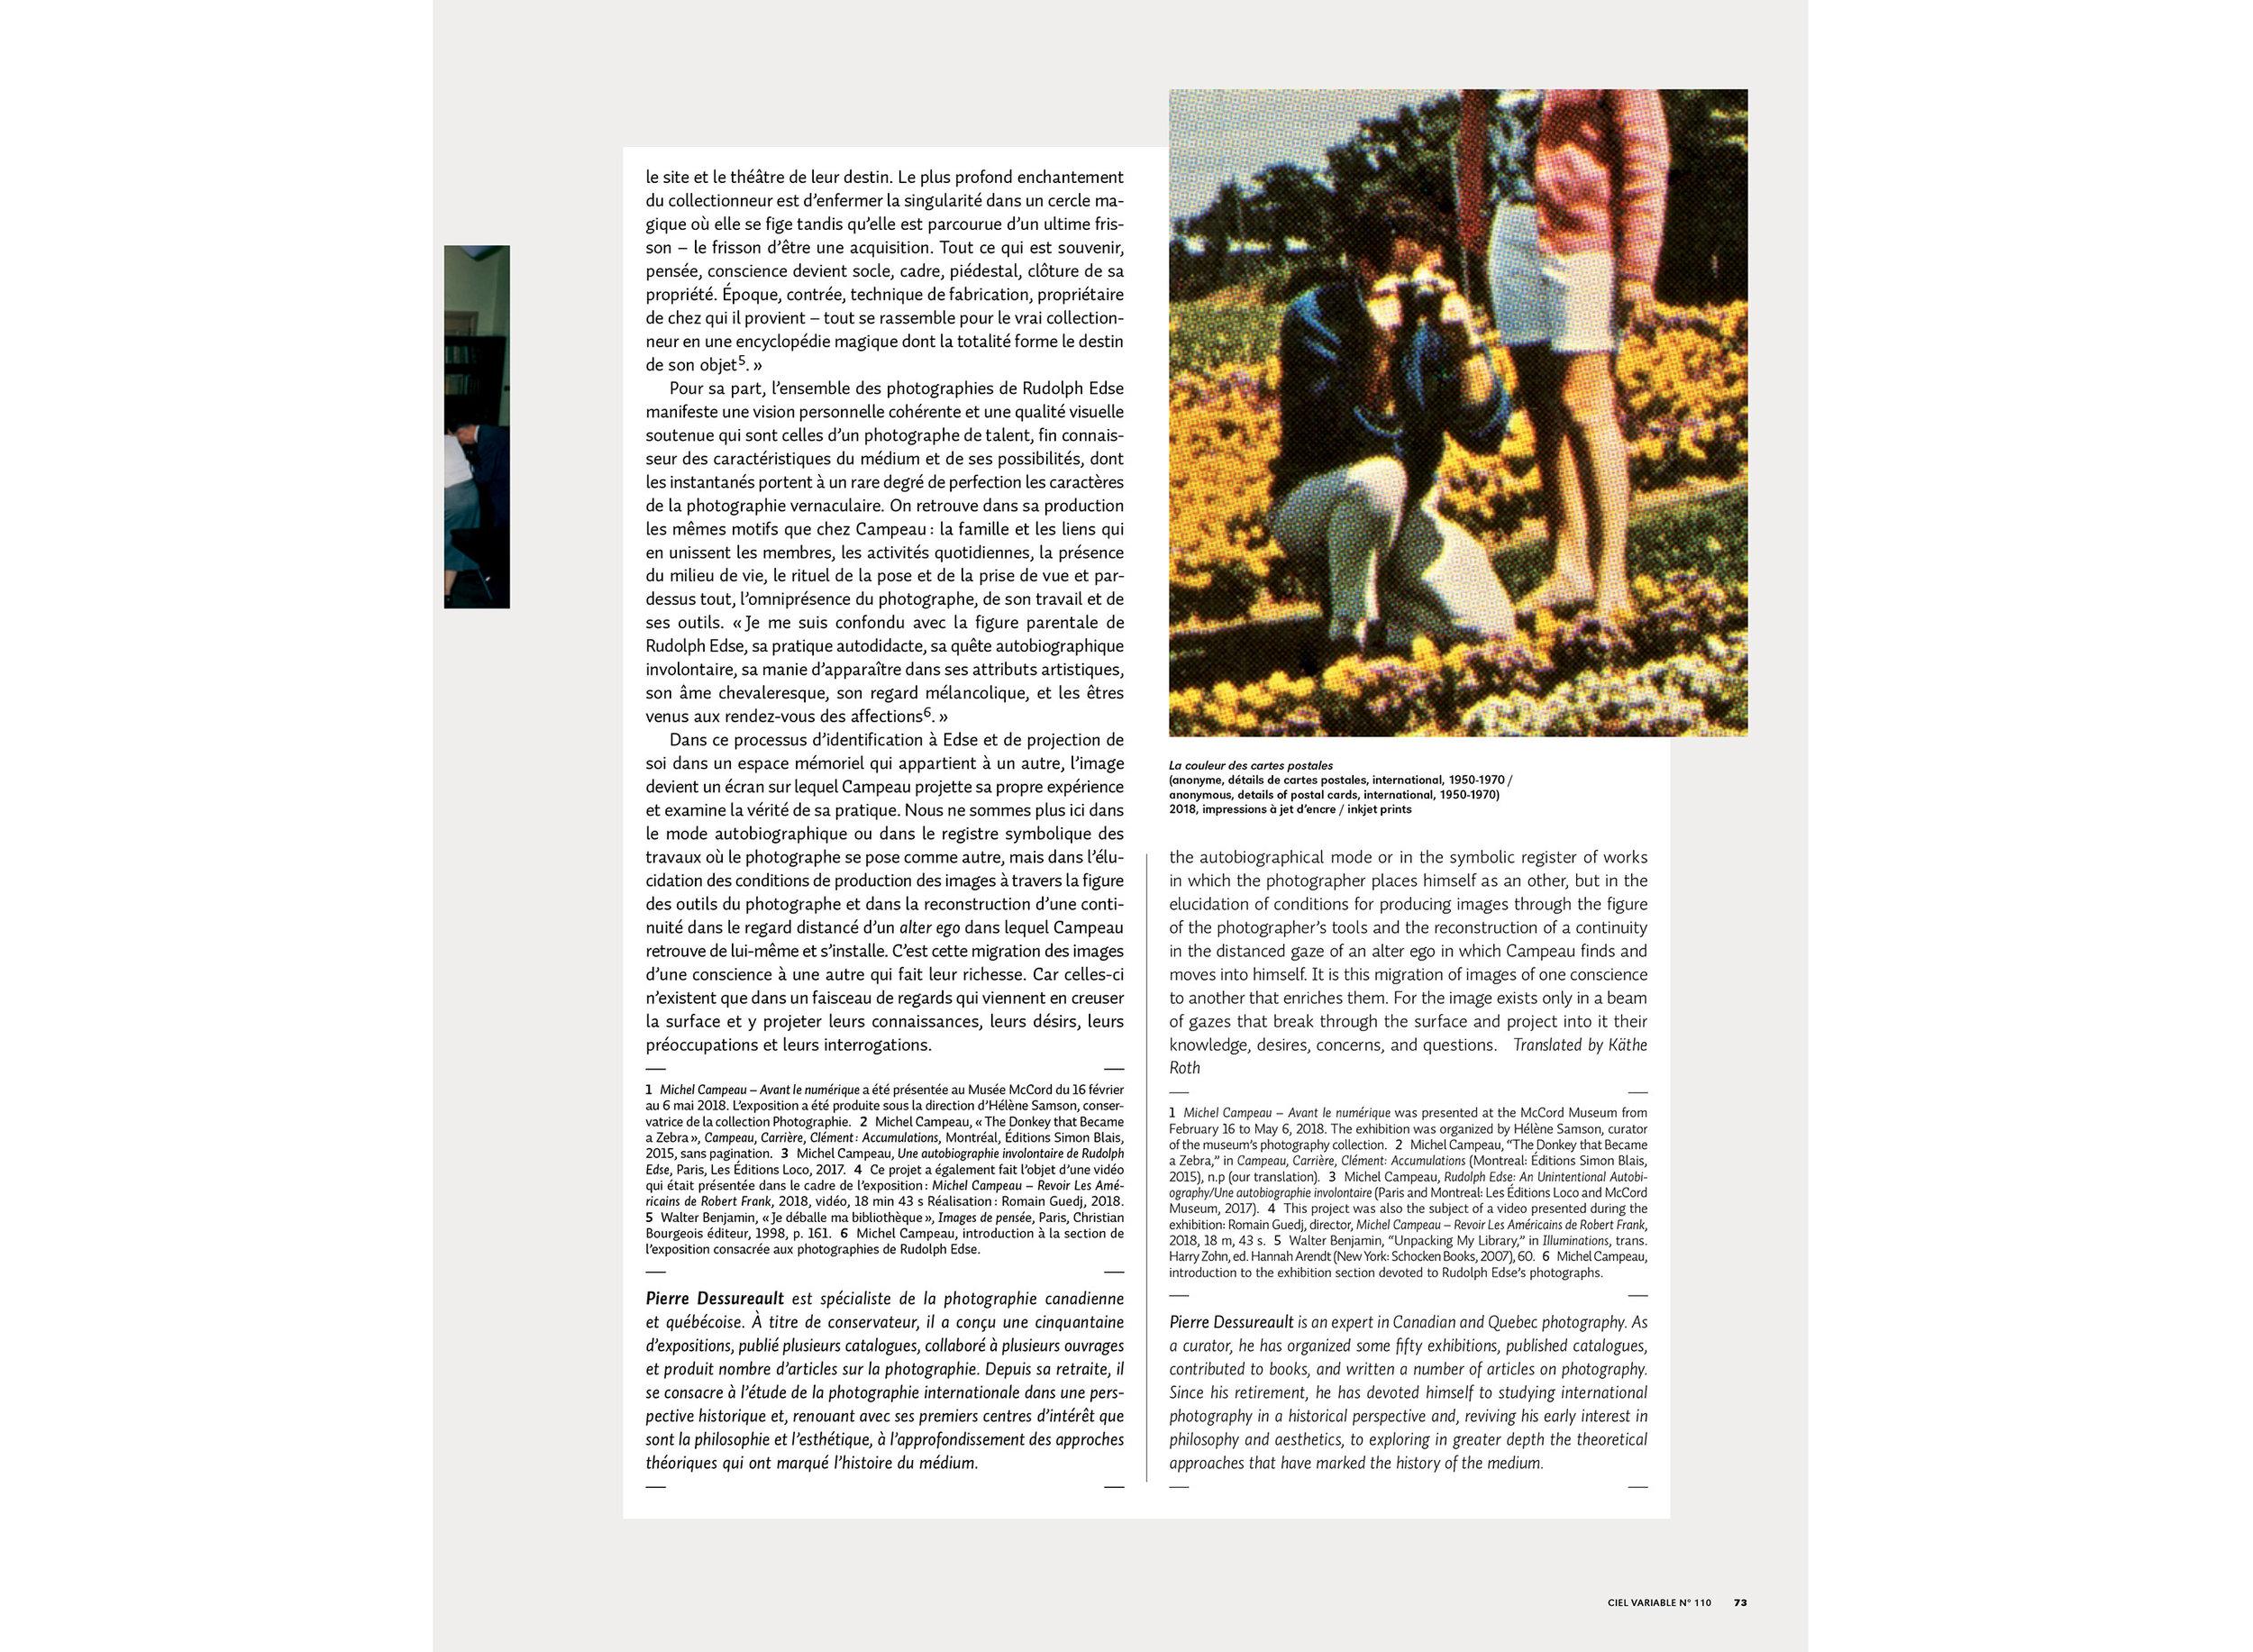 Michel Campeau : la photographie, le photographe, le collectionneur  Texte de Pierre Dessureault, Ciel Variable, n° 110, Automne-Hiver 2018, p. 66-73 Pour télécharger le PDF de l'article :  https://delivery.shopifyapps.com/-/2ddca88cd82bba0a/985a7affcf7ddfcb